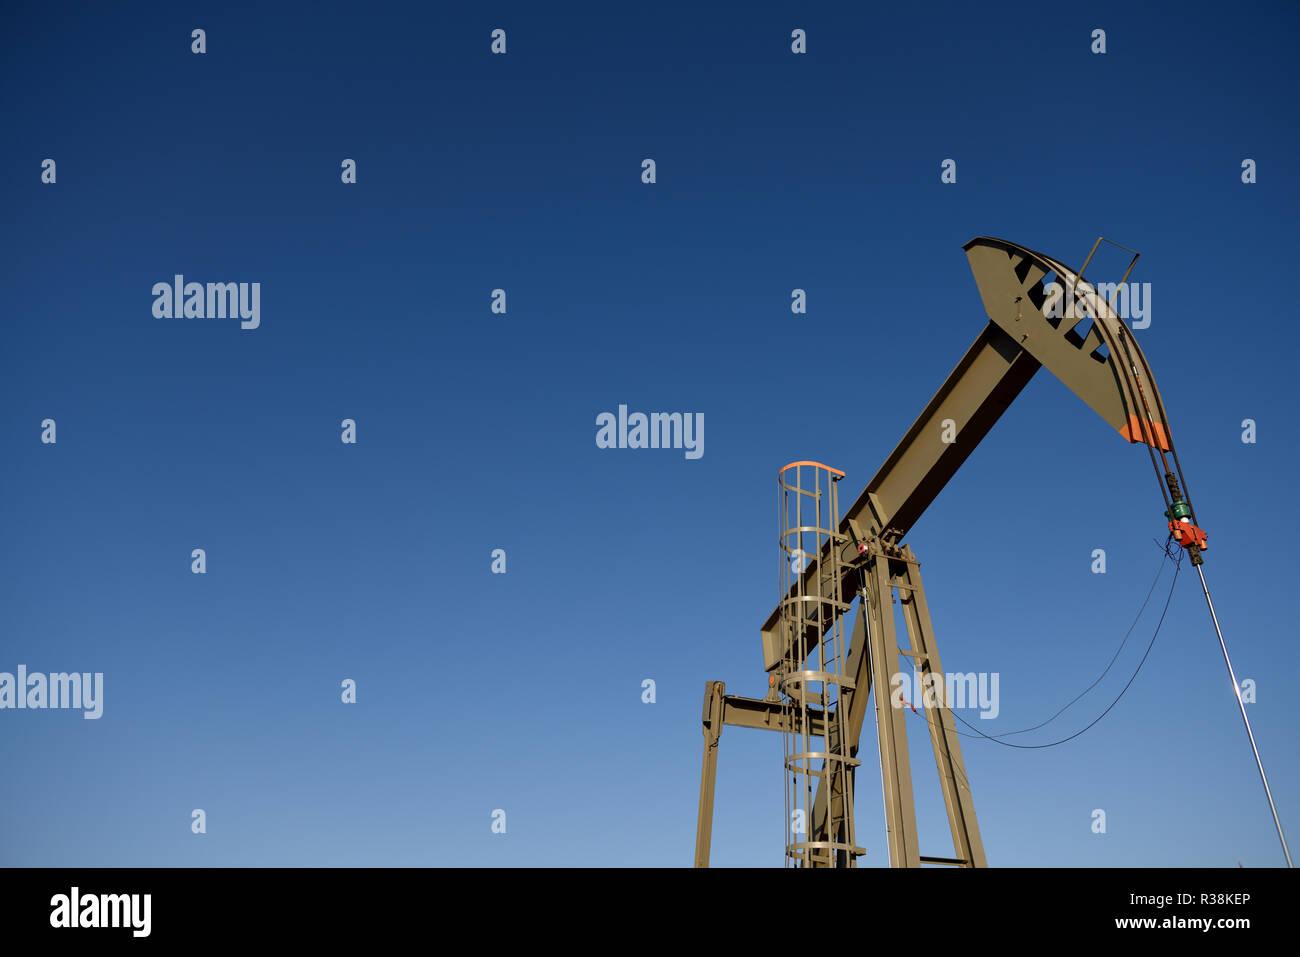 Blauer Himmel, Pumpe, Wagenheber, Rohöl, Niobrara Schiefer, Wyoming, kopieren Raum Stockfoto